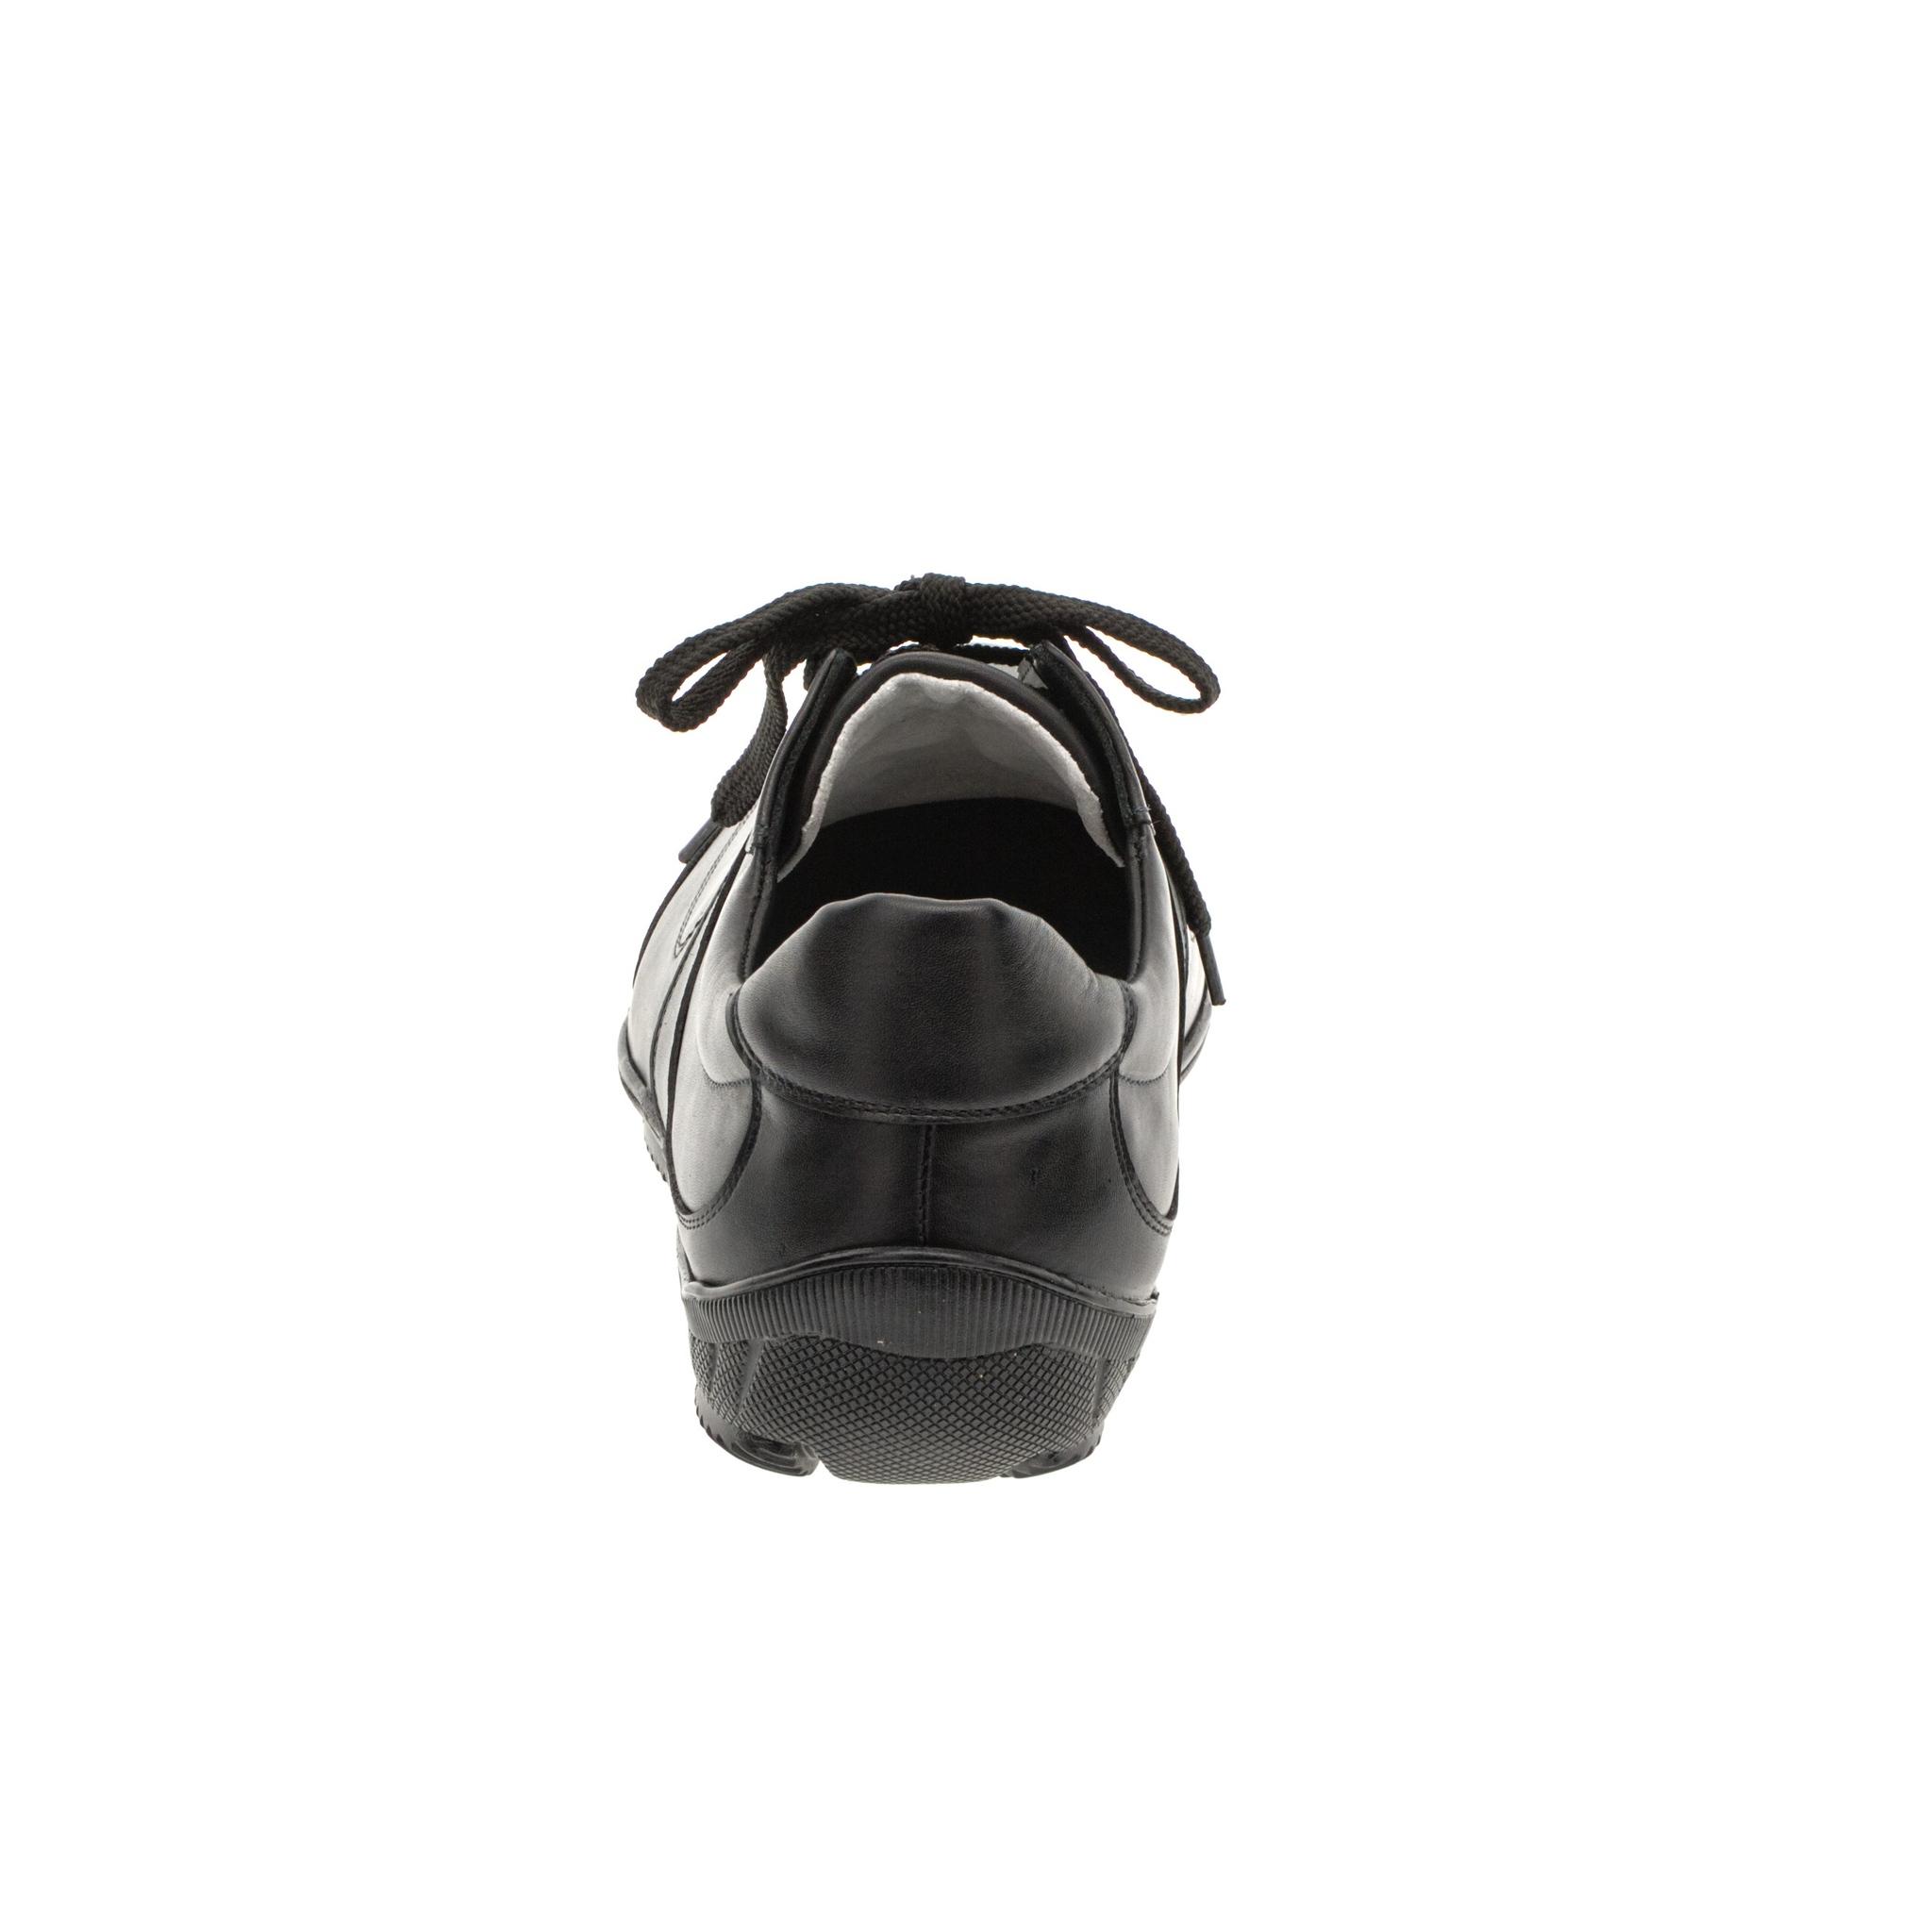 348346 полуботинки мужские больших размеров марки Делфино